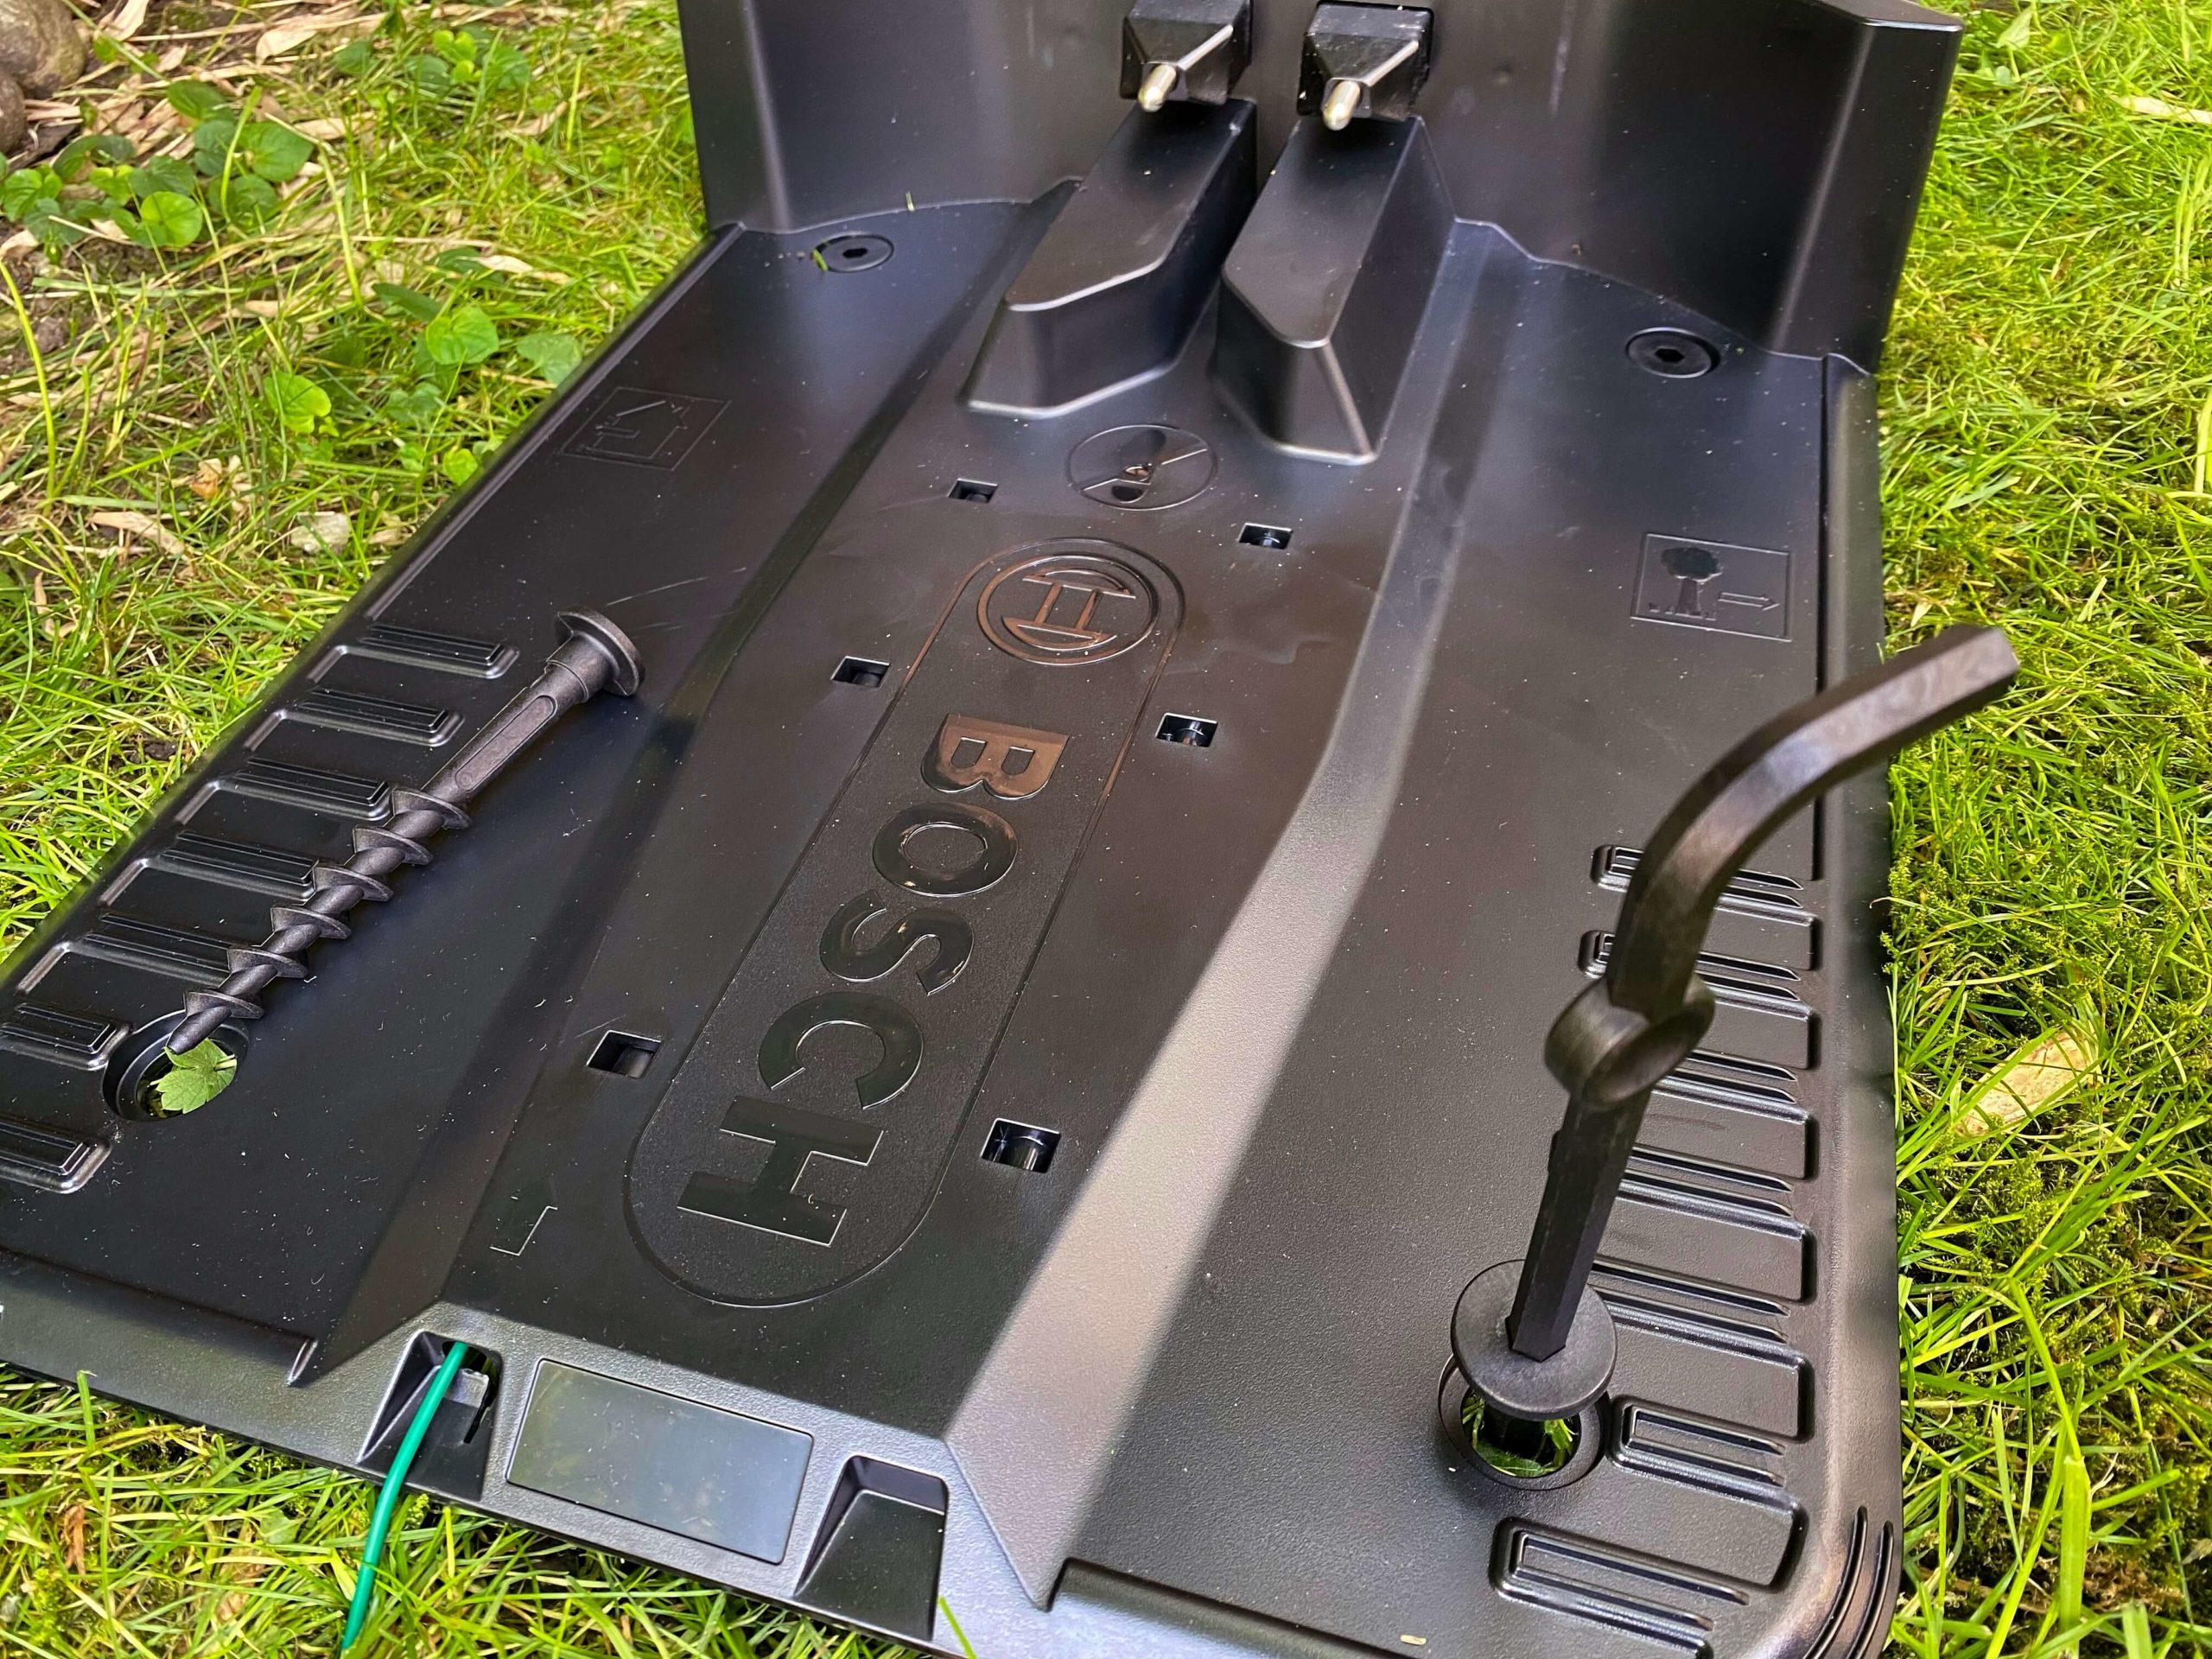 Indego-S-500-Rasenmaeherroboter-von-Bosch-smart-zur-besten-Rasenguete16-scaled Indego S+ 500 Rasenmähroboter von Bosch - Smart zur besten Rasengüte